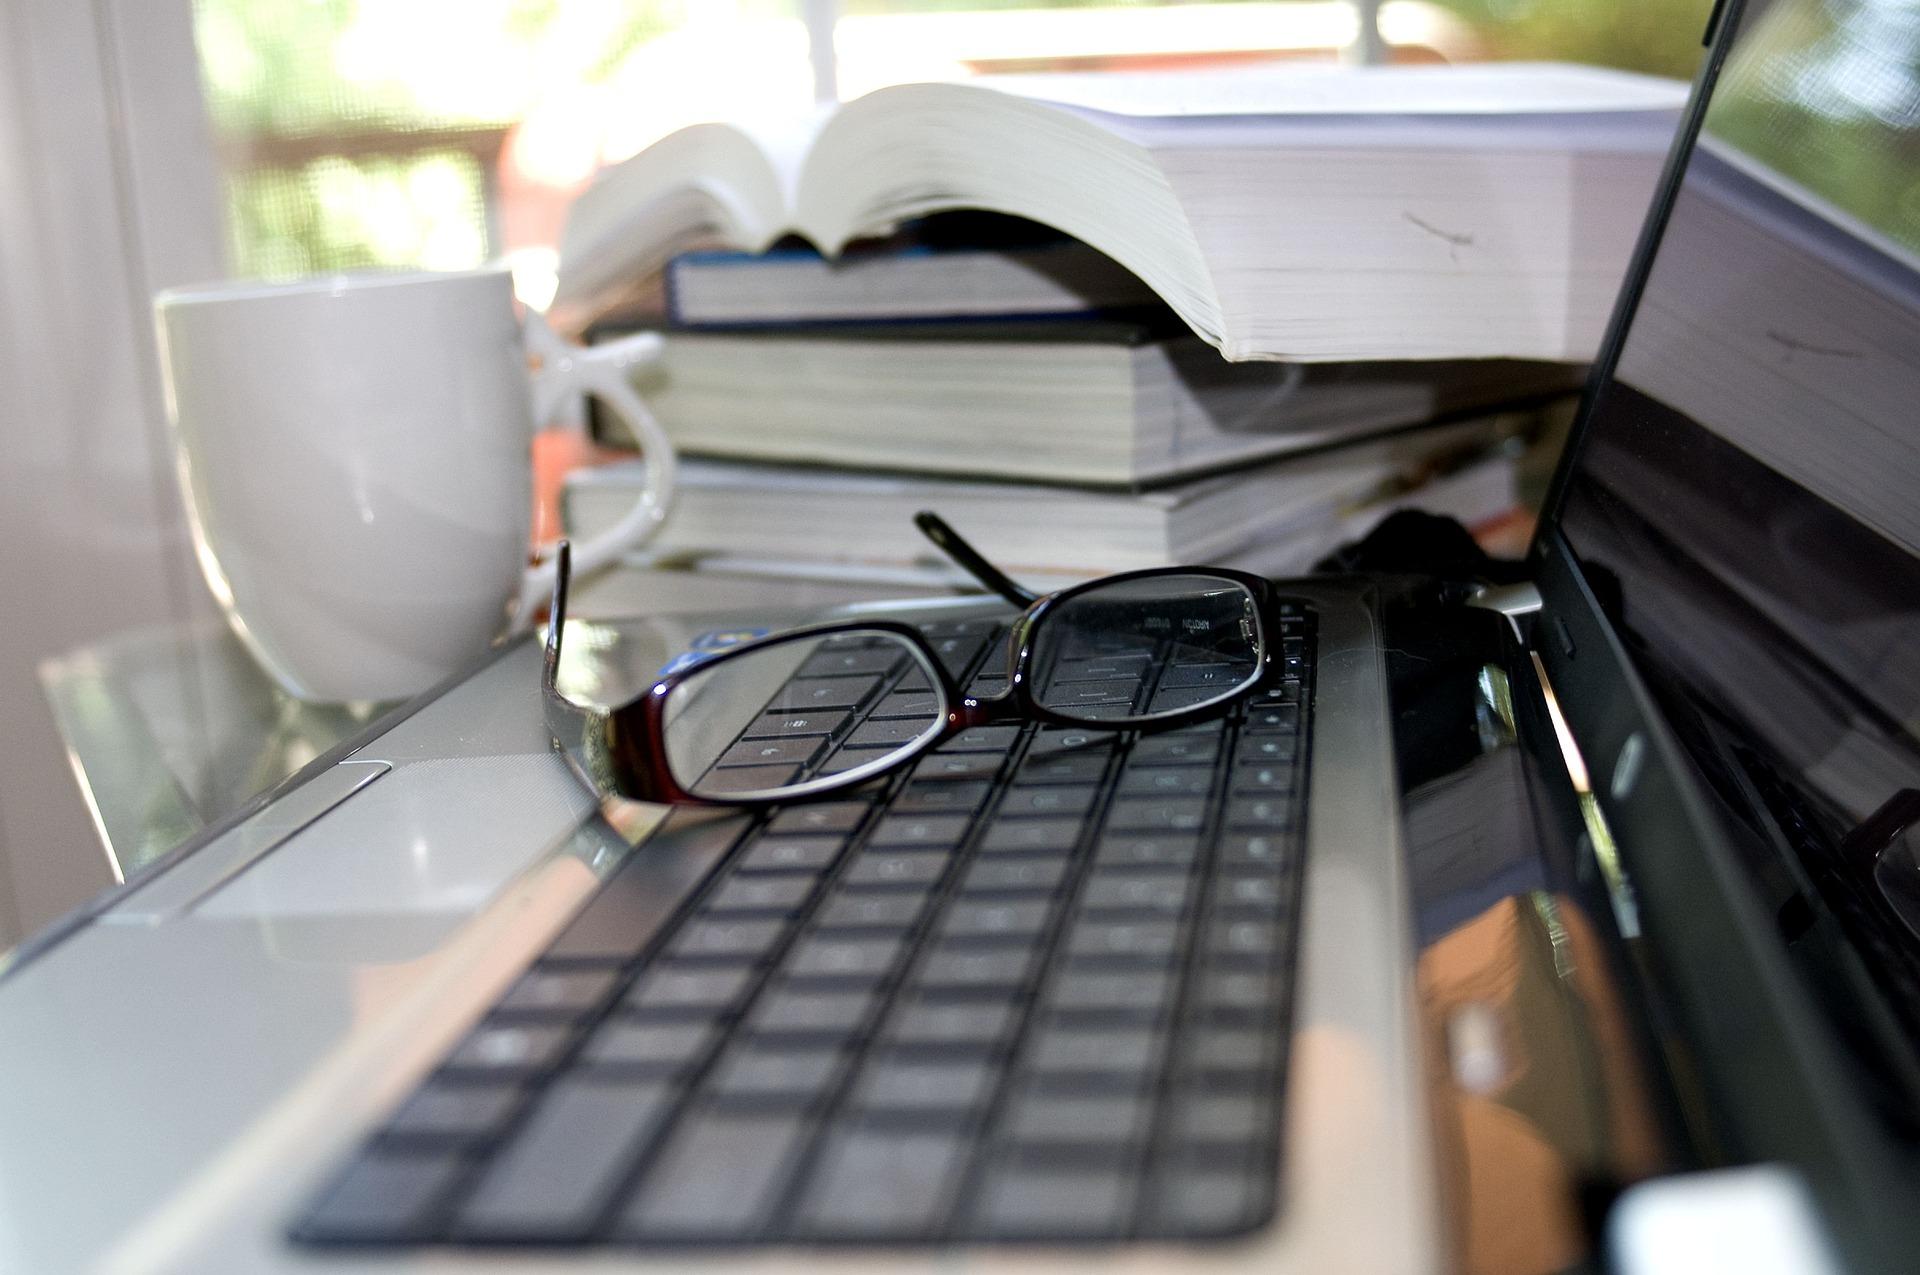 Hilfreiche Tipps und Blogartikel